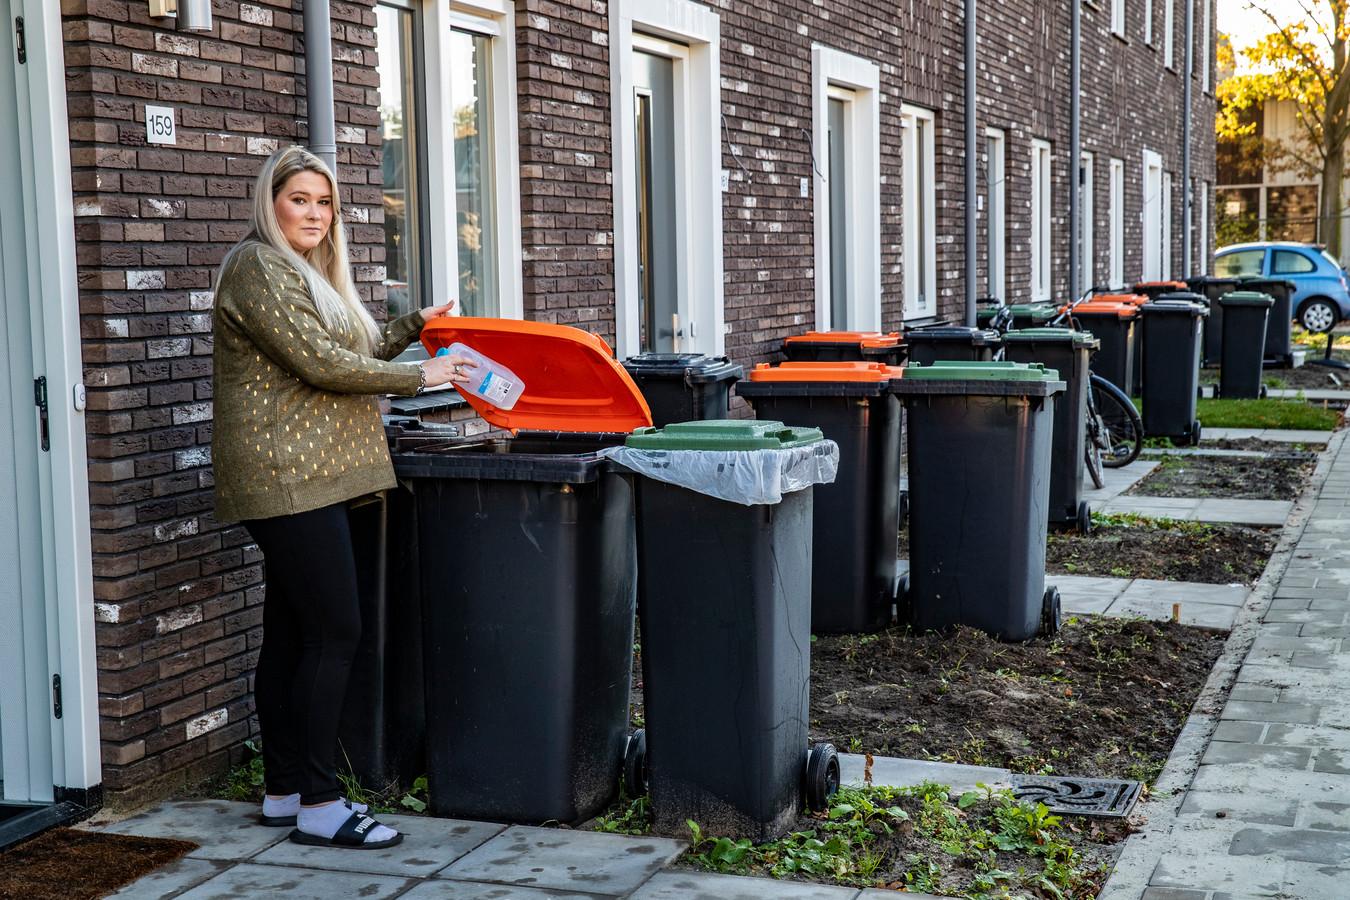 Inwoners van Deventer hebben inmiddels vier verschillende containers bij huis, want sinds afgelopen mei is er naast een afvalbak voor restafval, PMD en GFT ook een aparte papiercontainer. Op de foto Nikkie Klein Koerkamp voor haar woning aan de Landsherenlaan in Deventer.